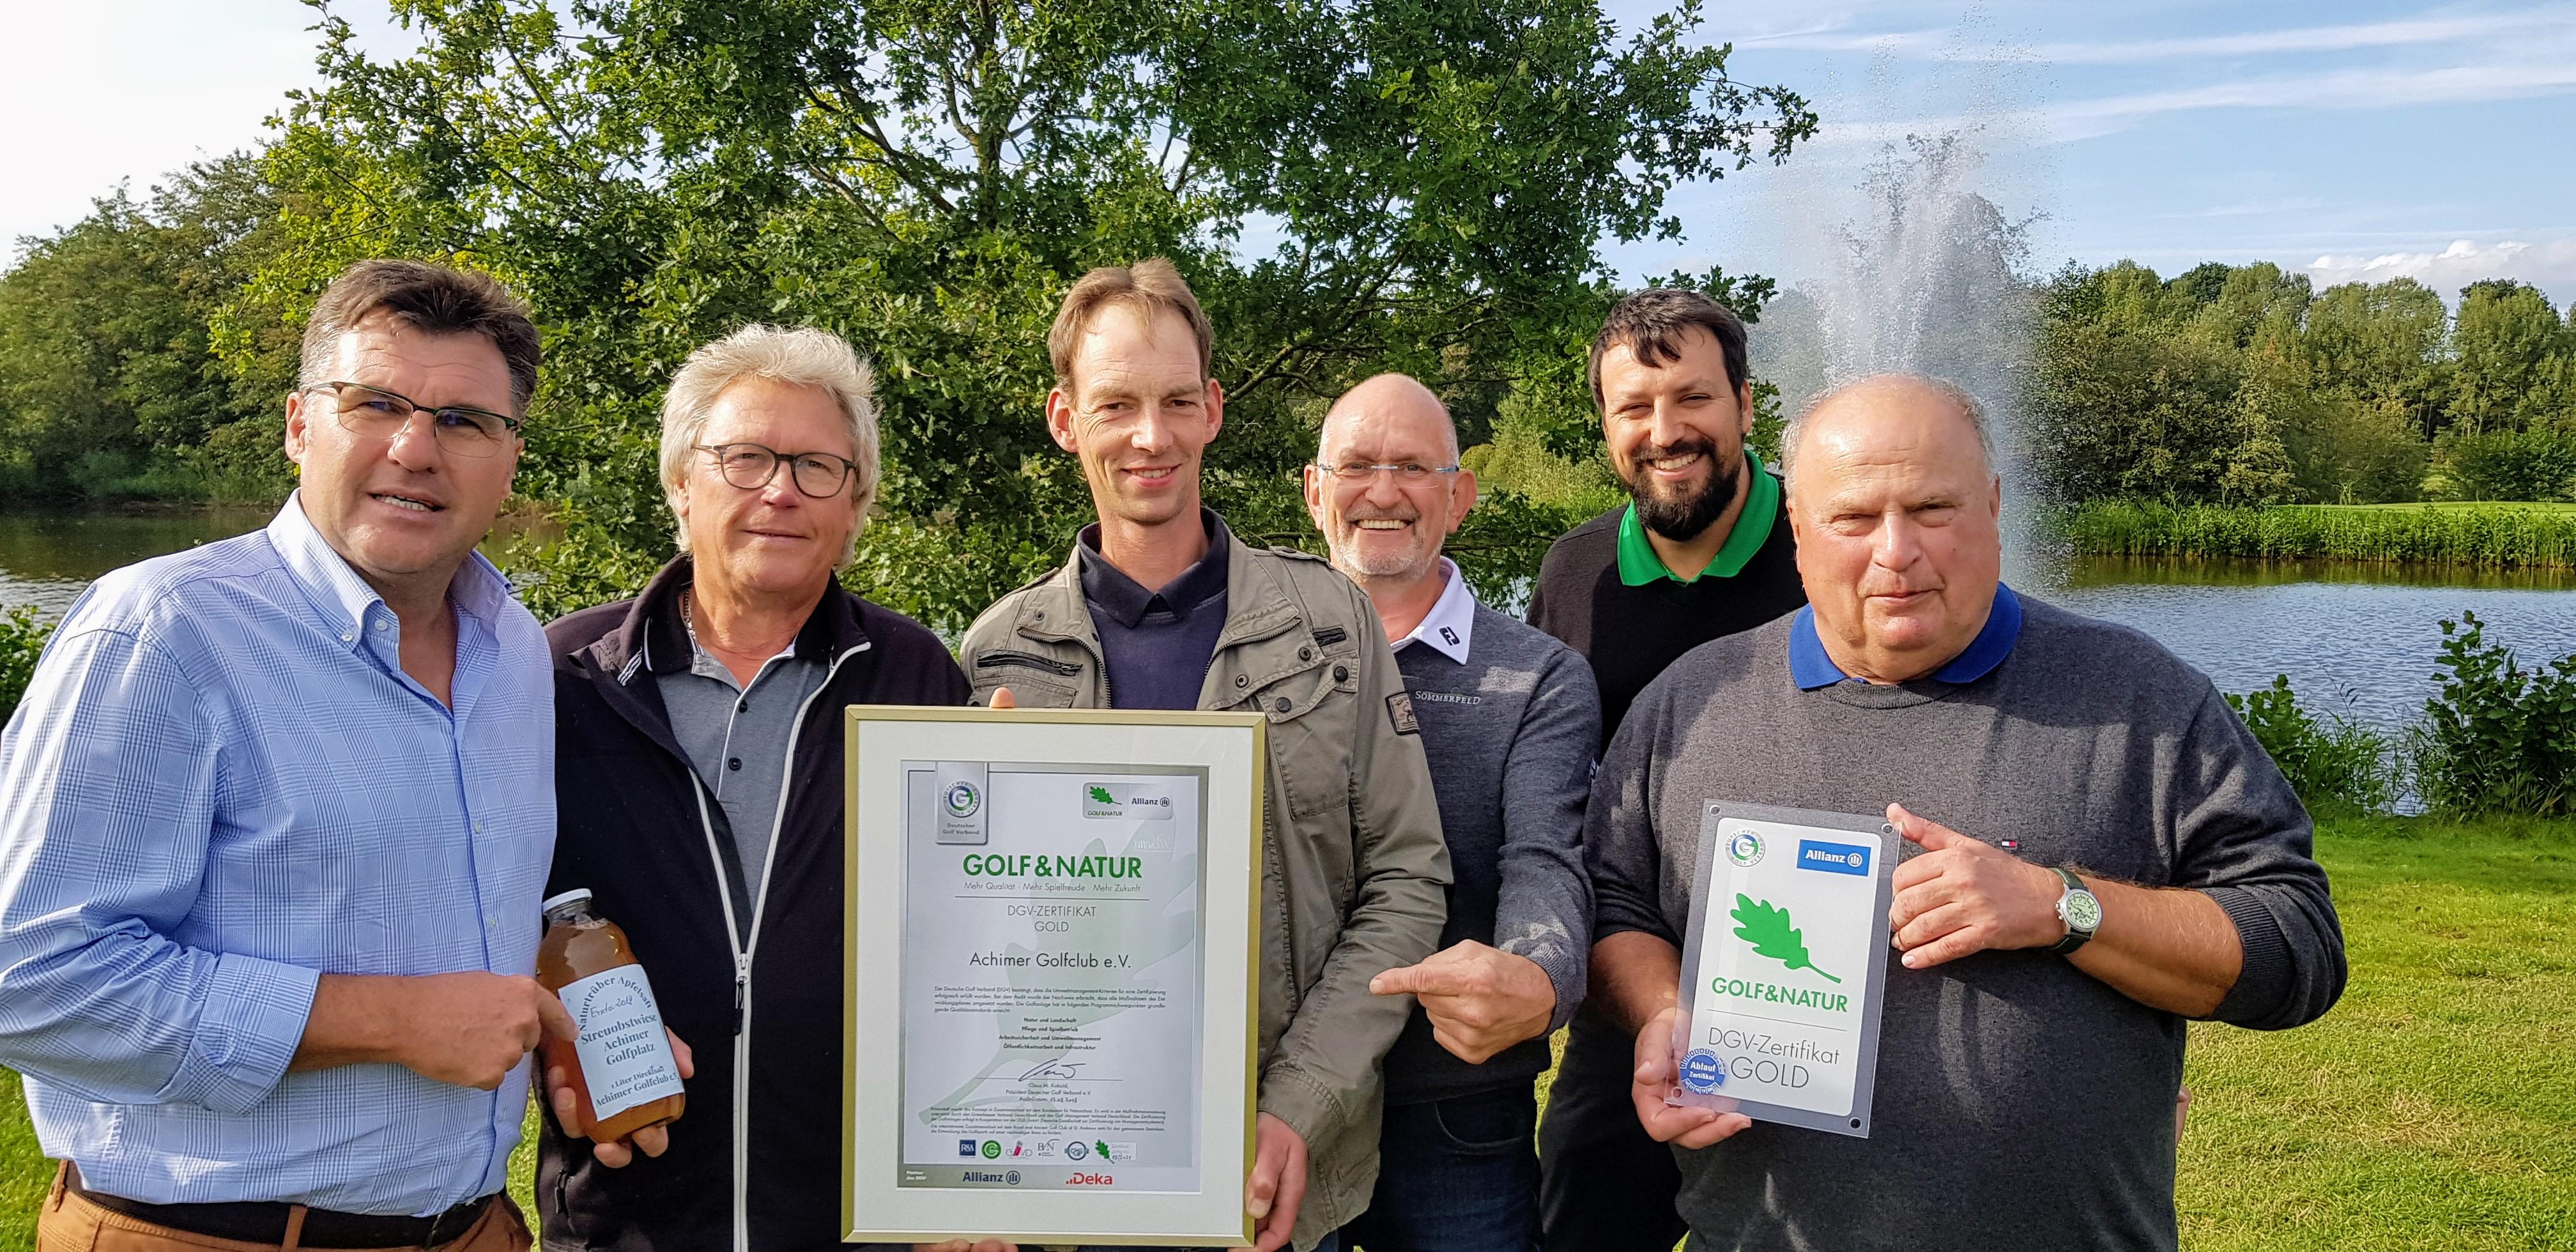 Übergabe des Zertifikat Golf&Natur in Gold im Achimer Golfclub (Bild: Achimer Golfclub)